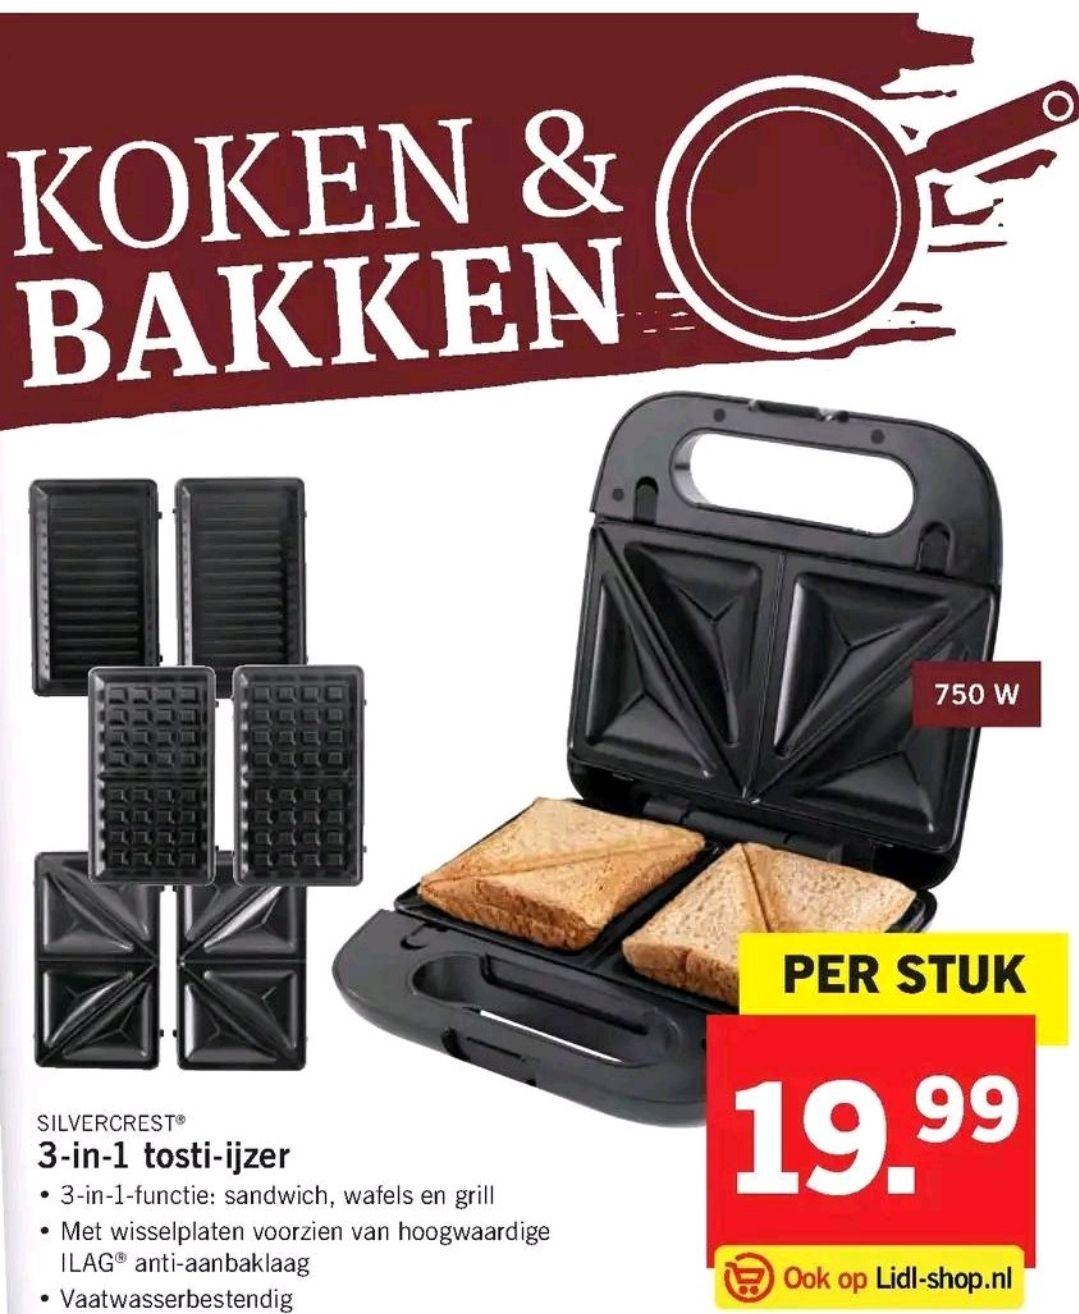 Silvercrest 3 in 1 tosti-ijzer voor 19,99!